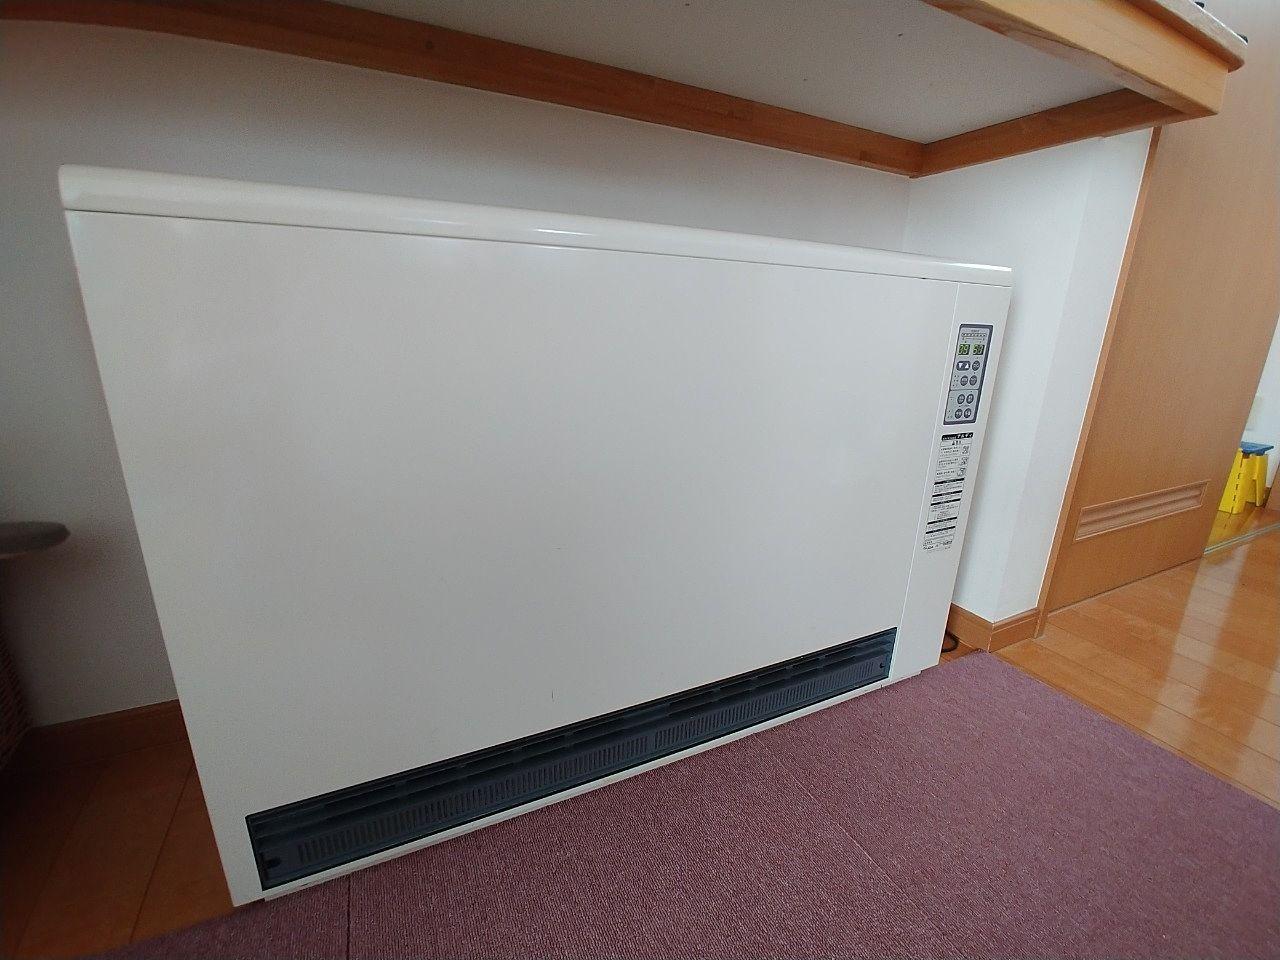 暖房器具 なにを使っていますか?